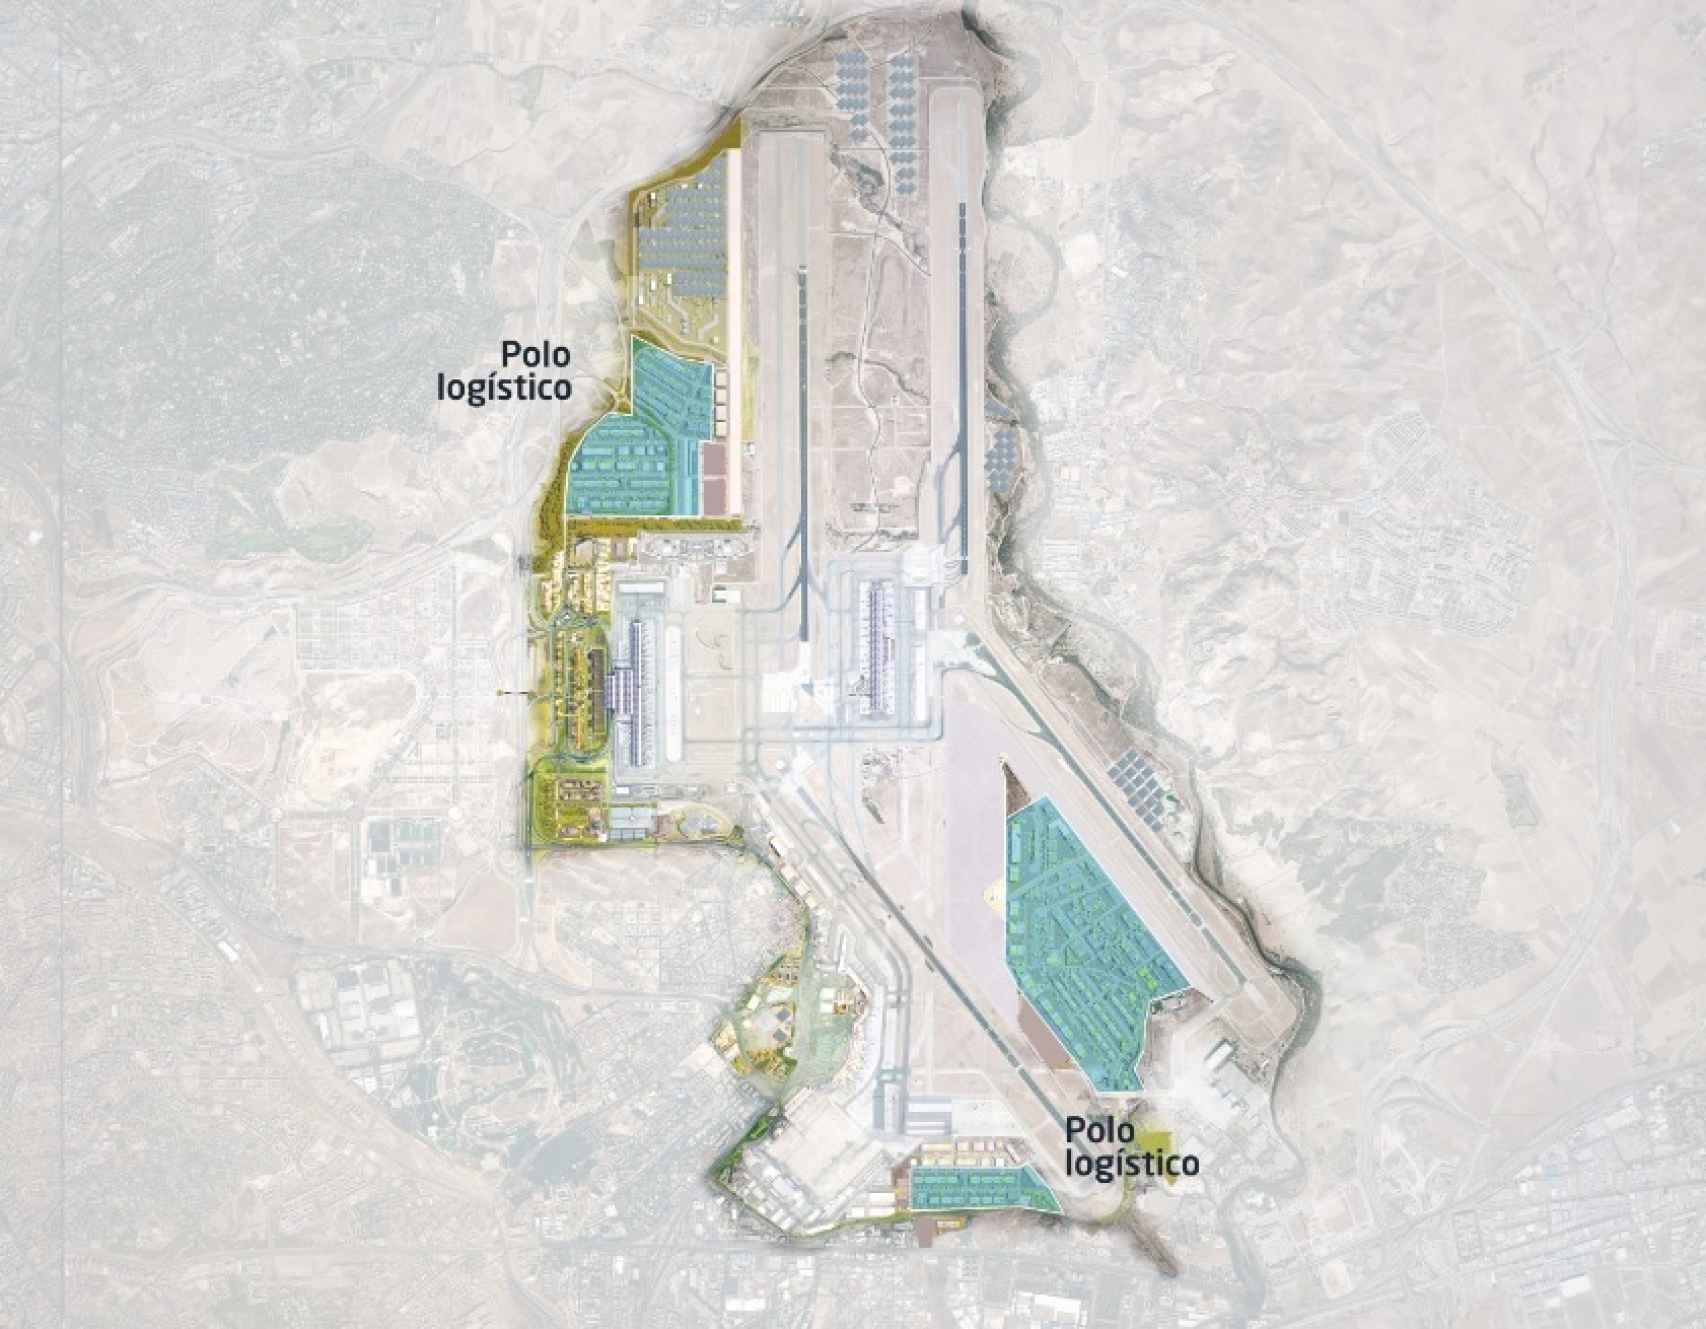 Plano del desarrollo del polo logístico de Barajas. Fuente: Aena.